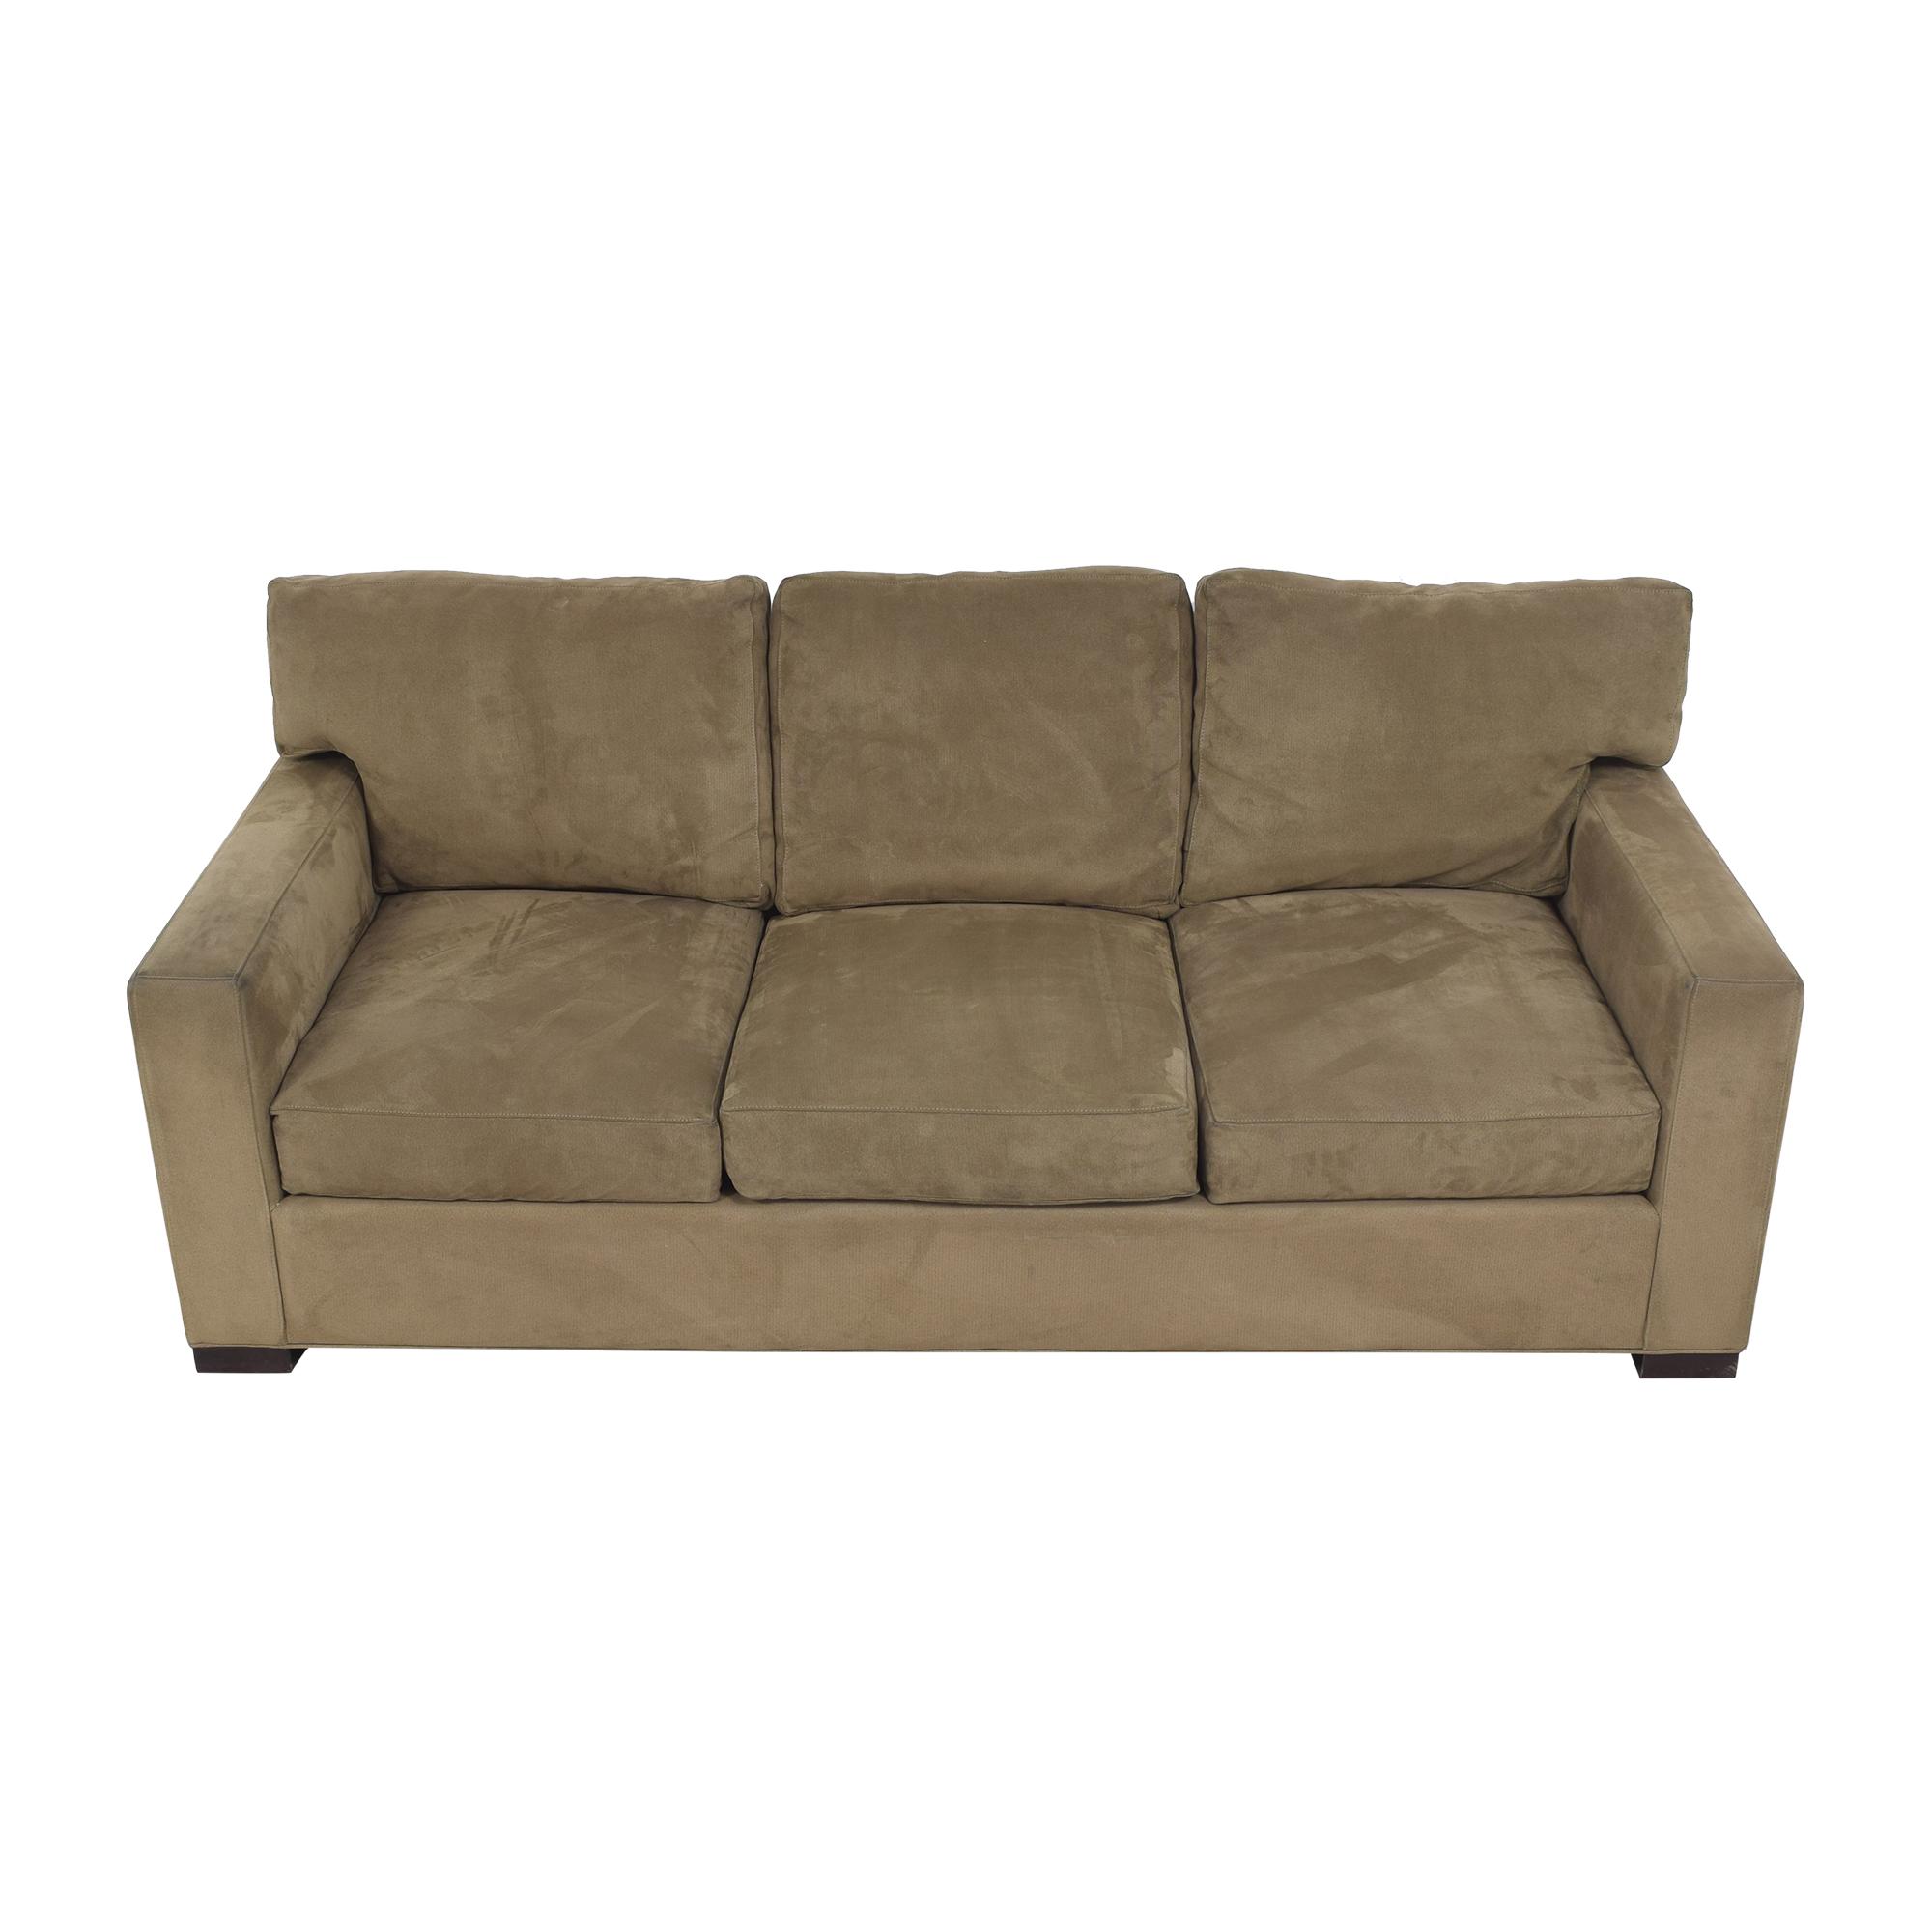 Crate & Barrel Crate & Barrel Axis Three Seat Sofa discount